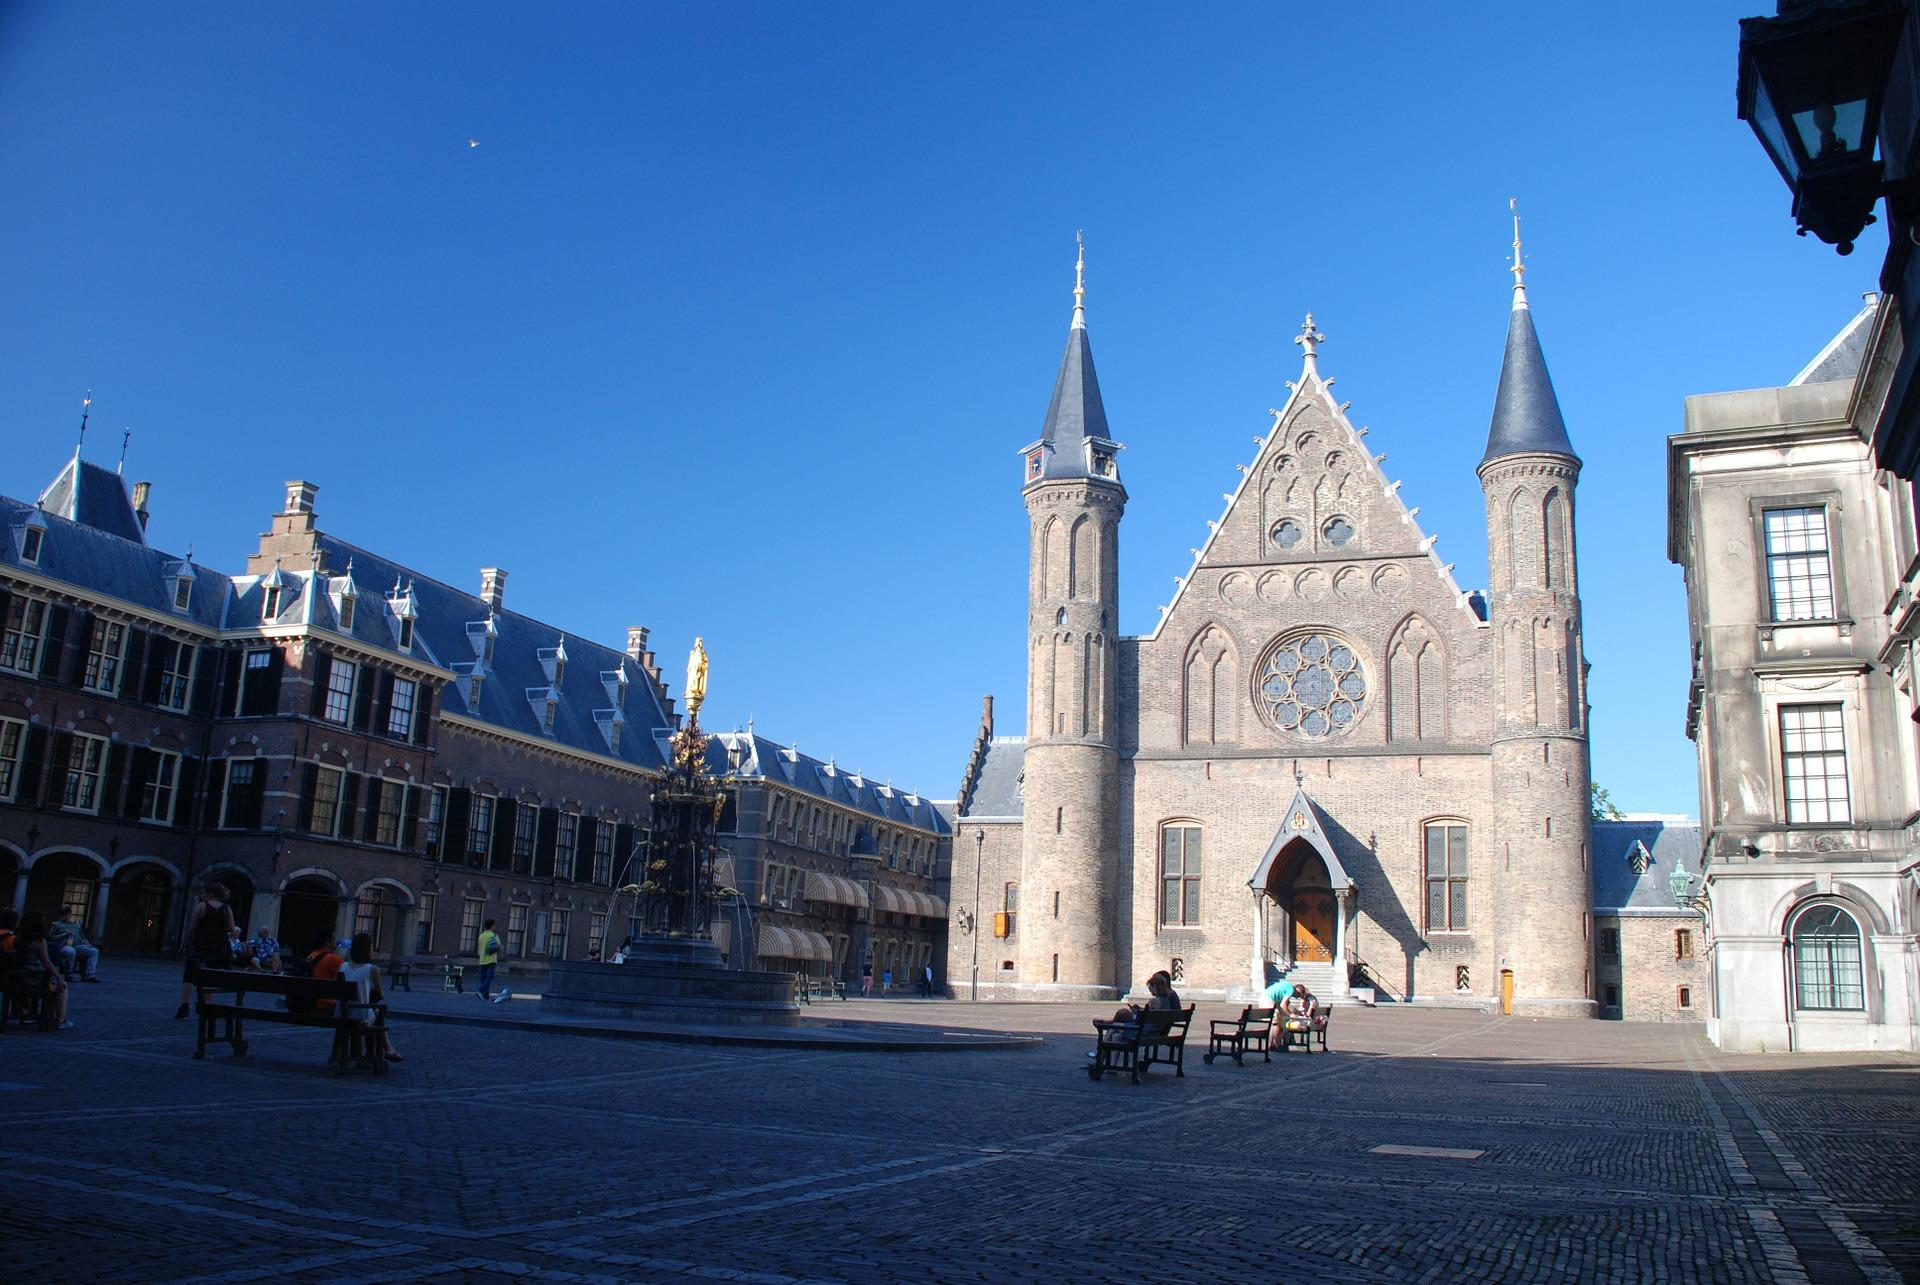 Flusskreuzfahrt Vollpension Buchen - 5 Tage durch Holland ab 629,00€ - Den Haag